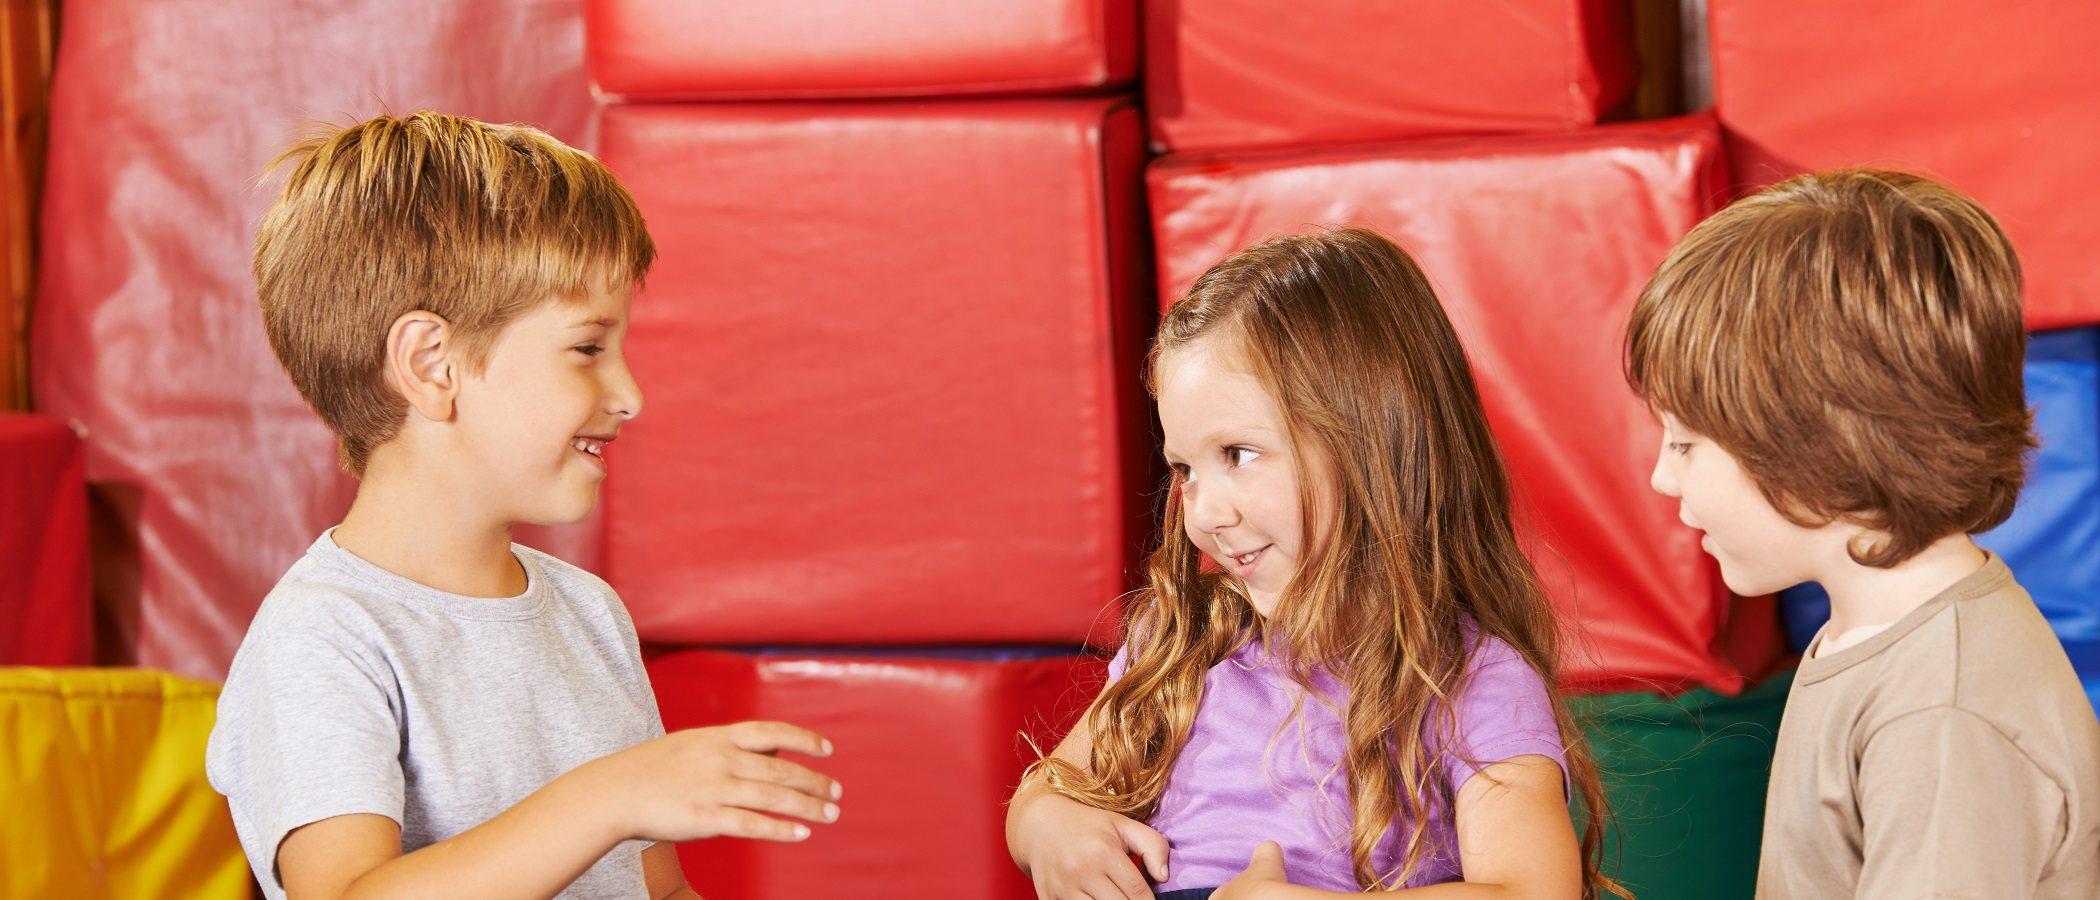 Actividades grupales para niños con autismo